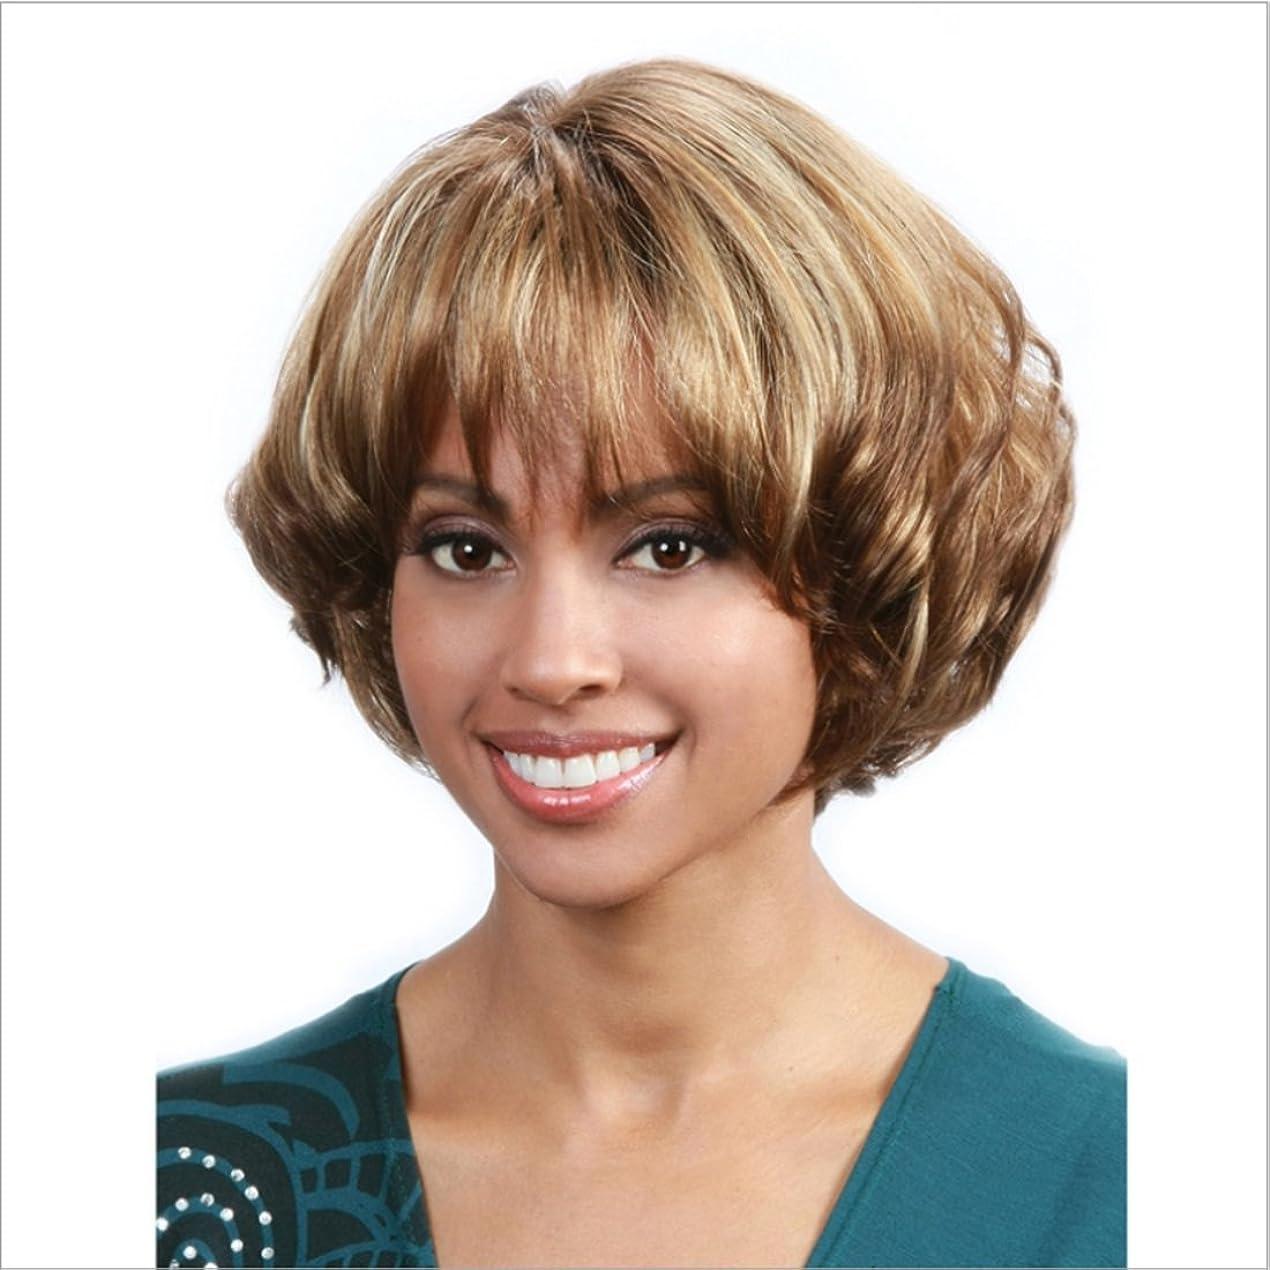 東方枯れる歌JIANFU 白い女性のための混合色のかつらカーリー合成髪短いブラウンと黒ウィッグ耐熱性髪のふわふわウィッグフラットバンズ付き10inch / 150g (Color : Brown and black)